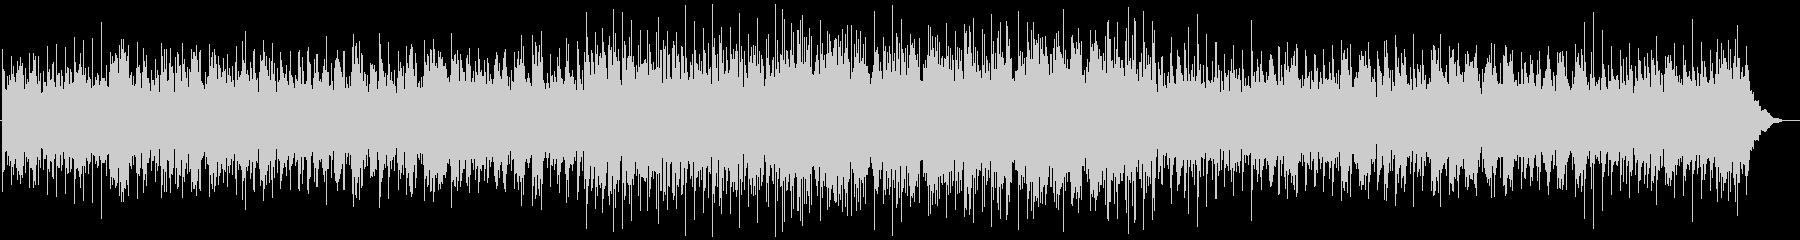 ほのぼのバンジョーのフォーク調BGMの未再生の波形